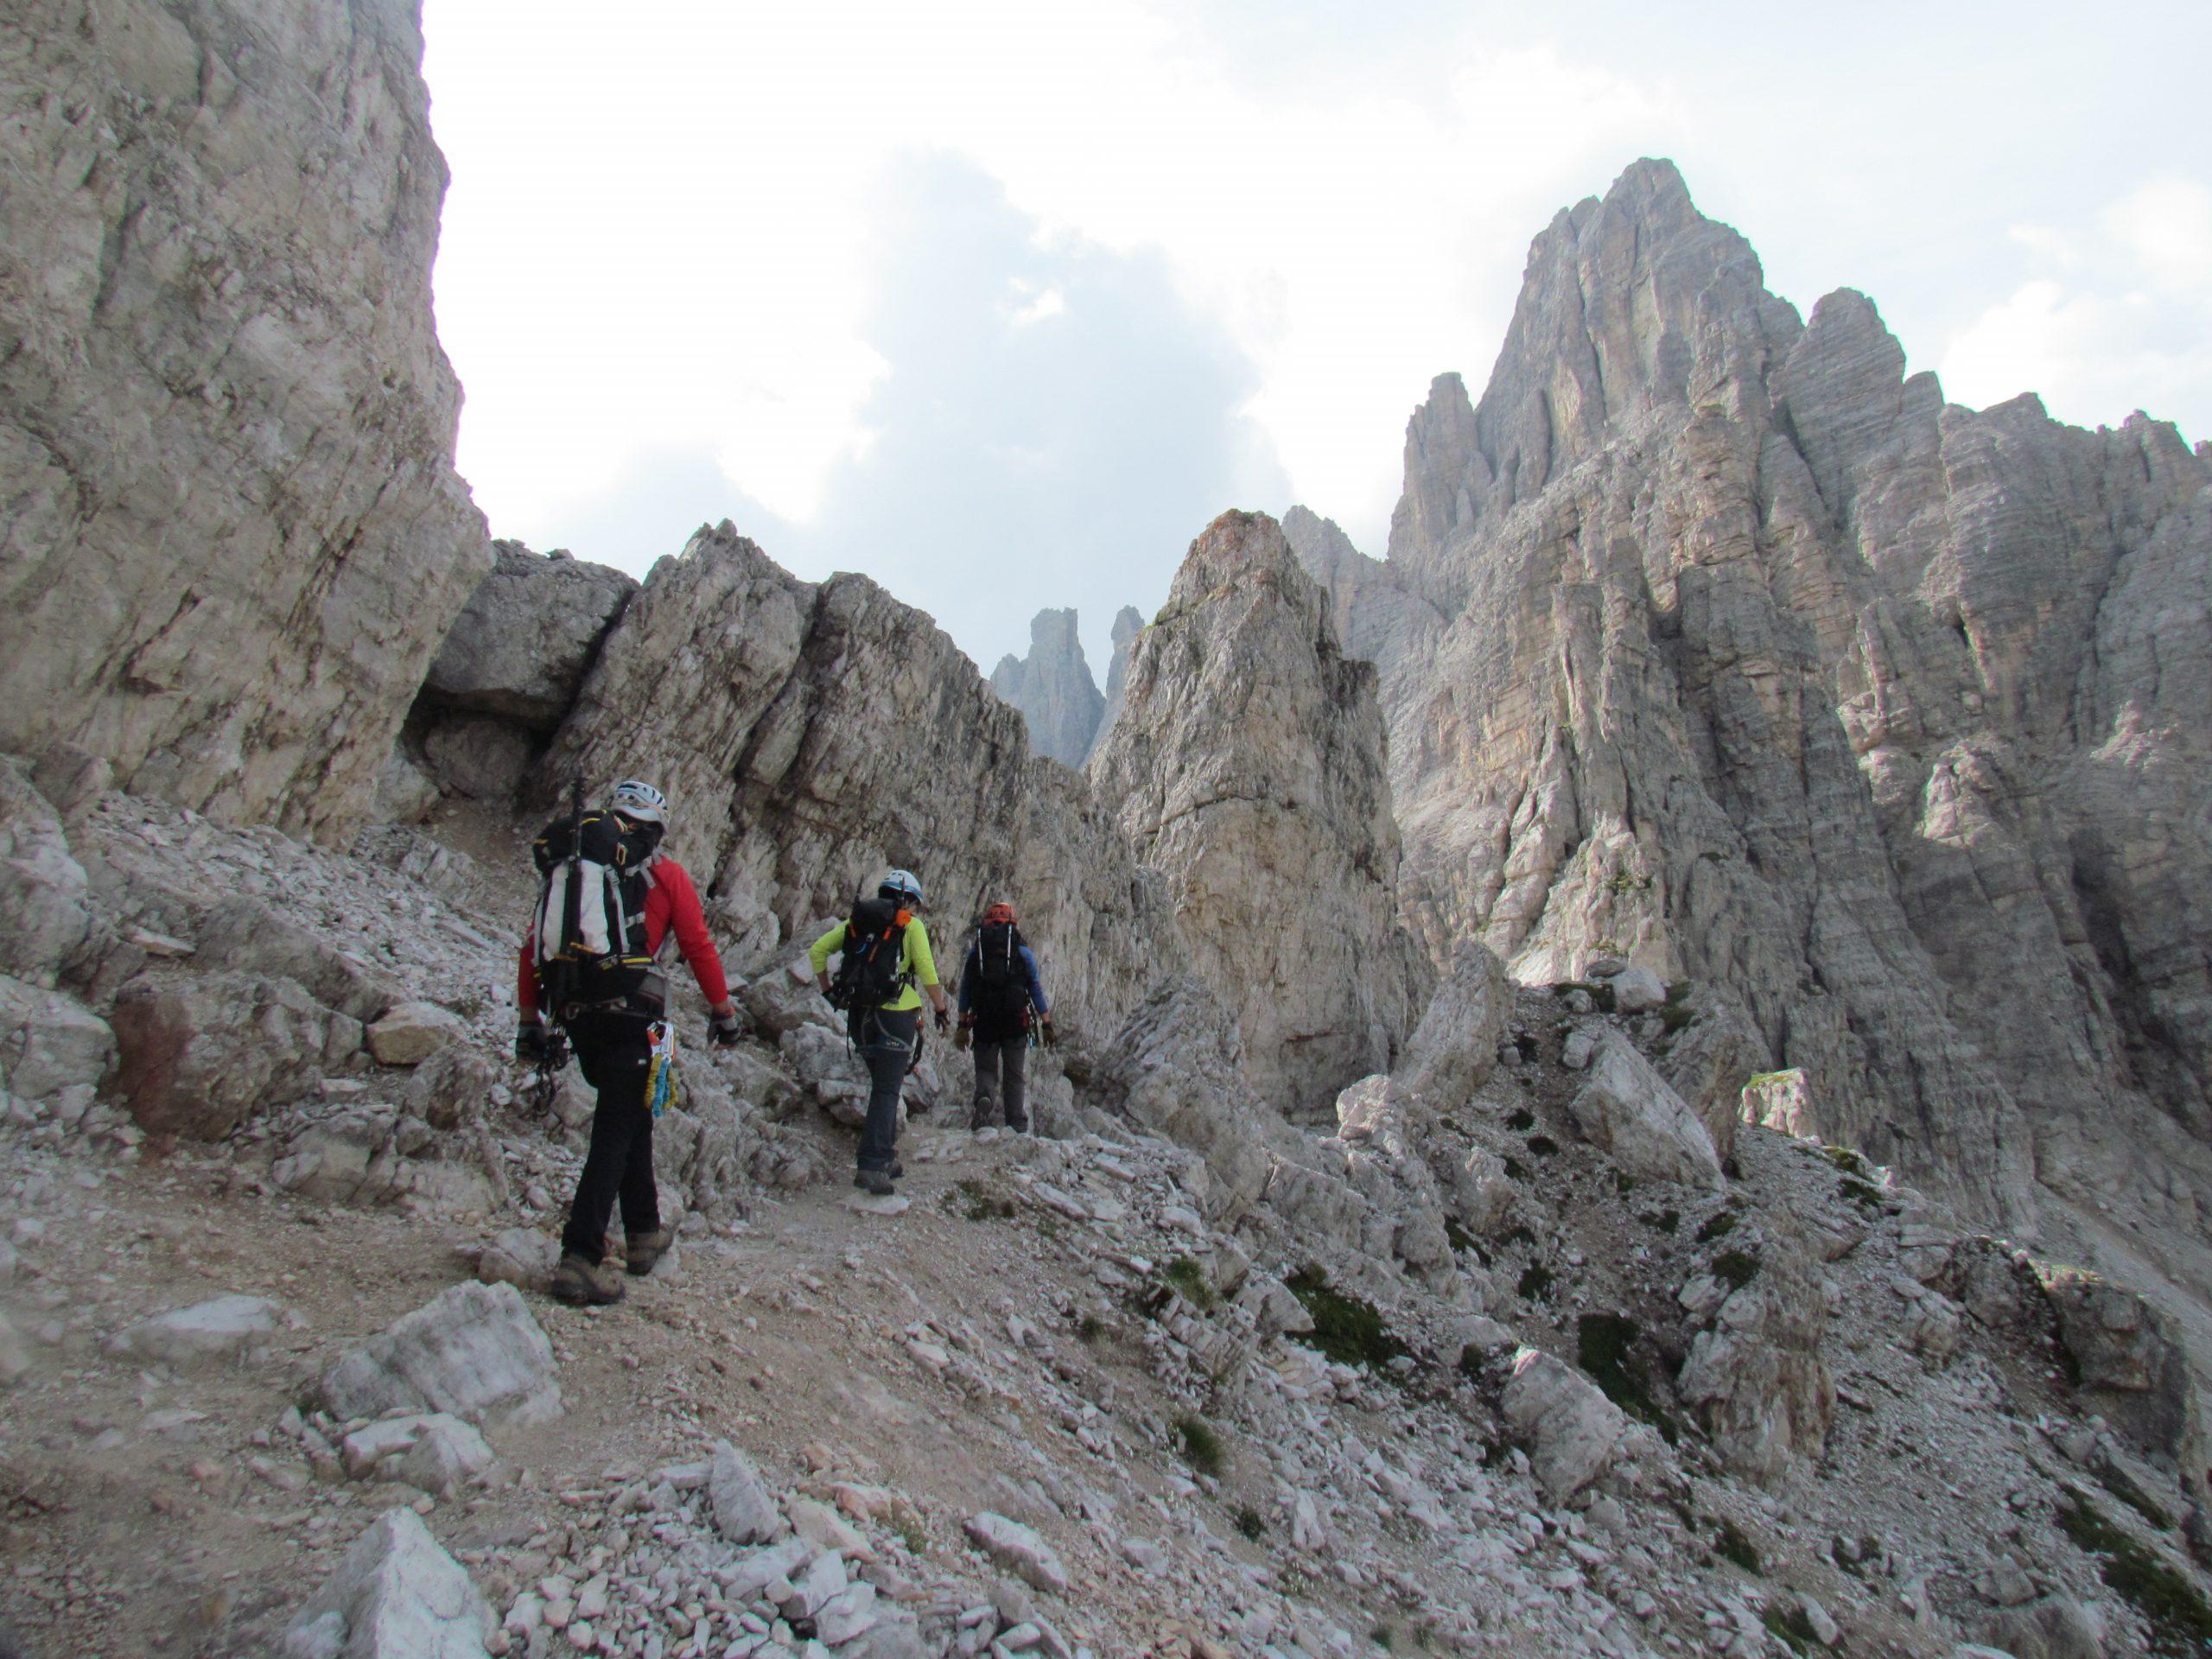 Dolomitas: Ferratas y trekking en los Alpes Italianos